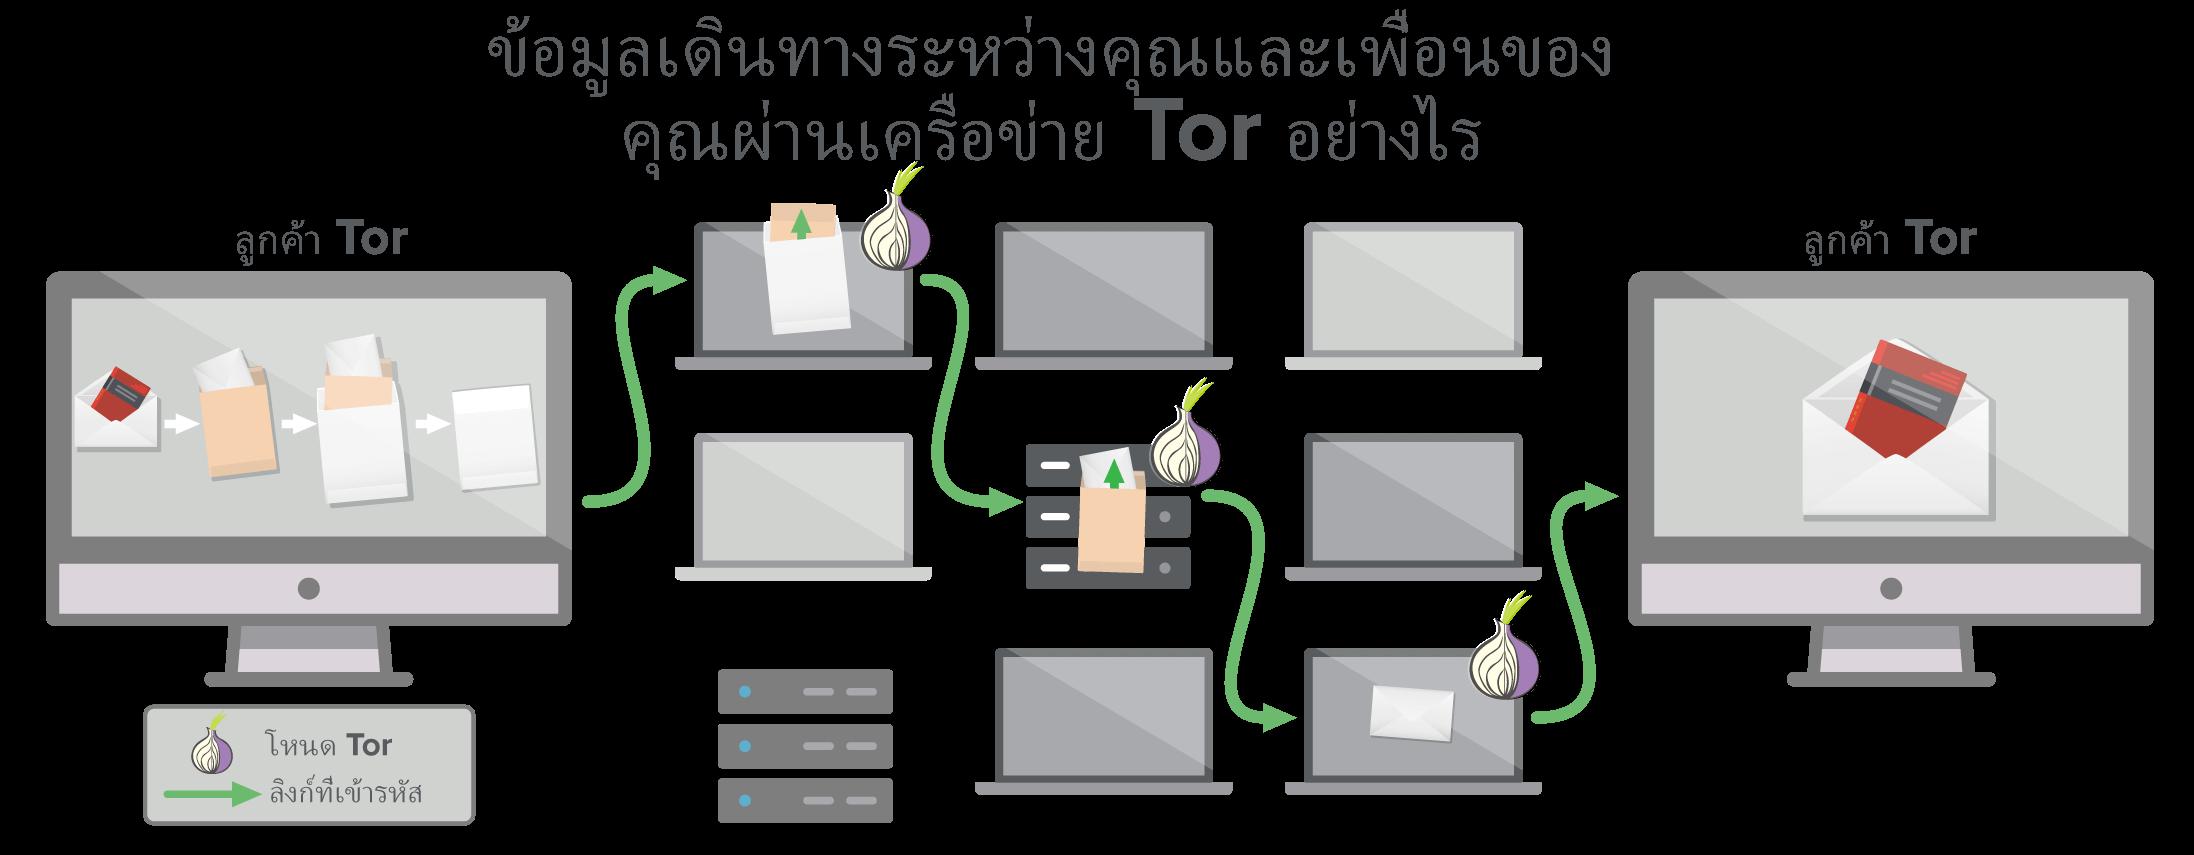 เครือข่าย Tor ให้ข้อมูลอย่างน้อยสามฮ็อพสำหรับการเดินทางของคุณ